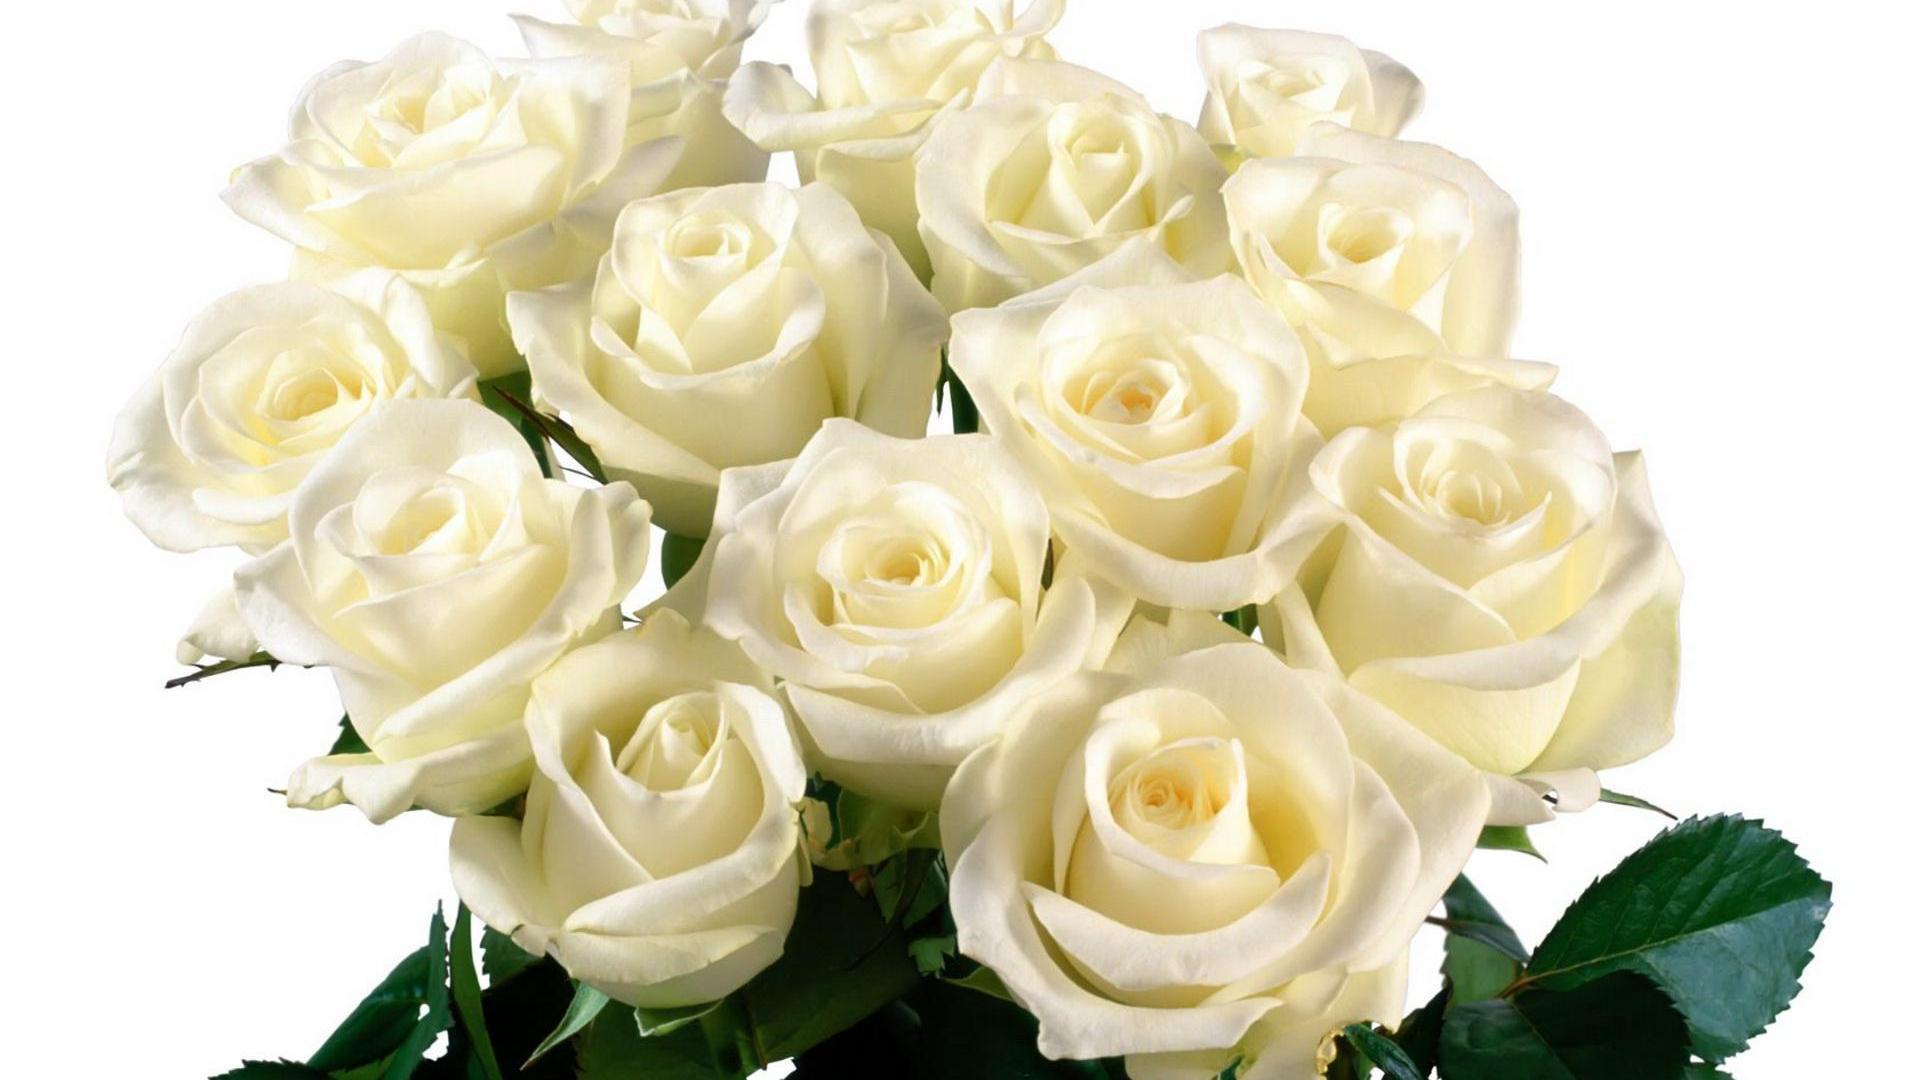 Открытки на день рождения с белыми розами 716